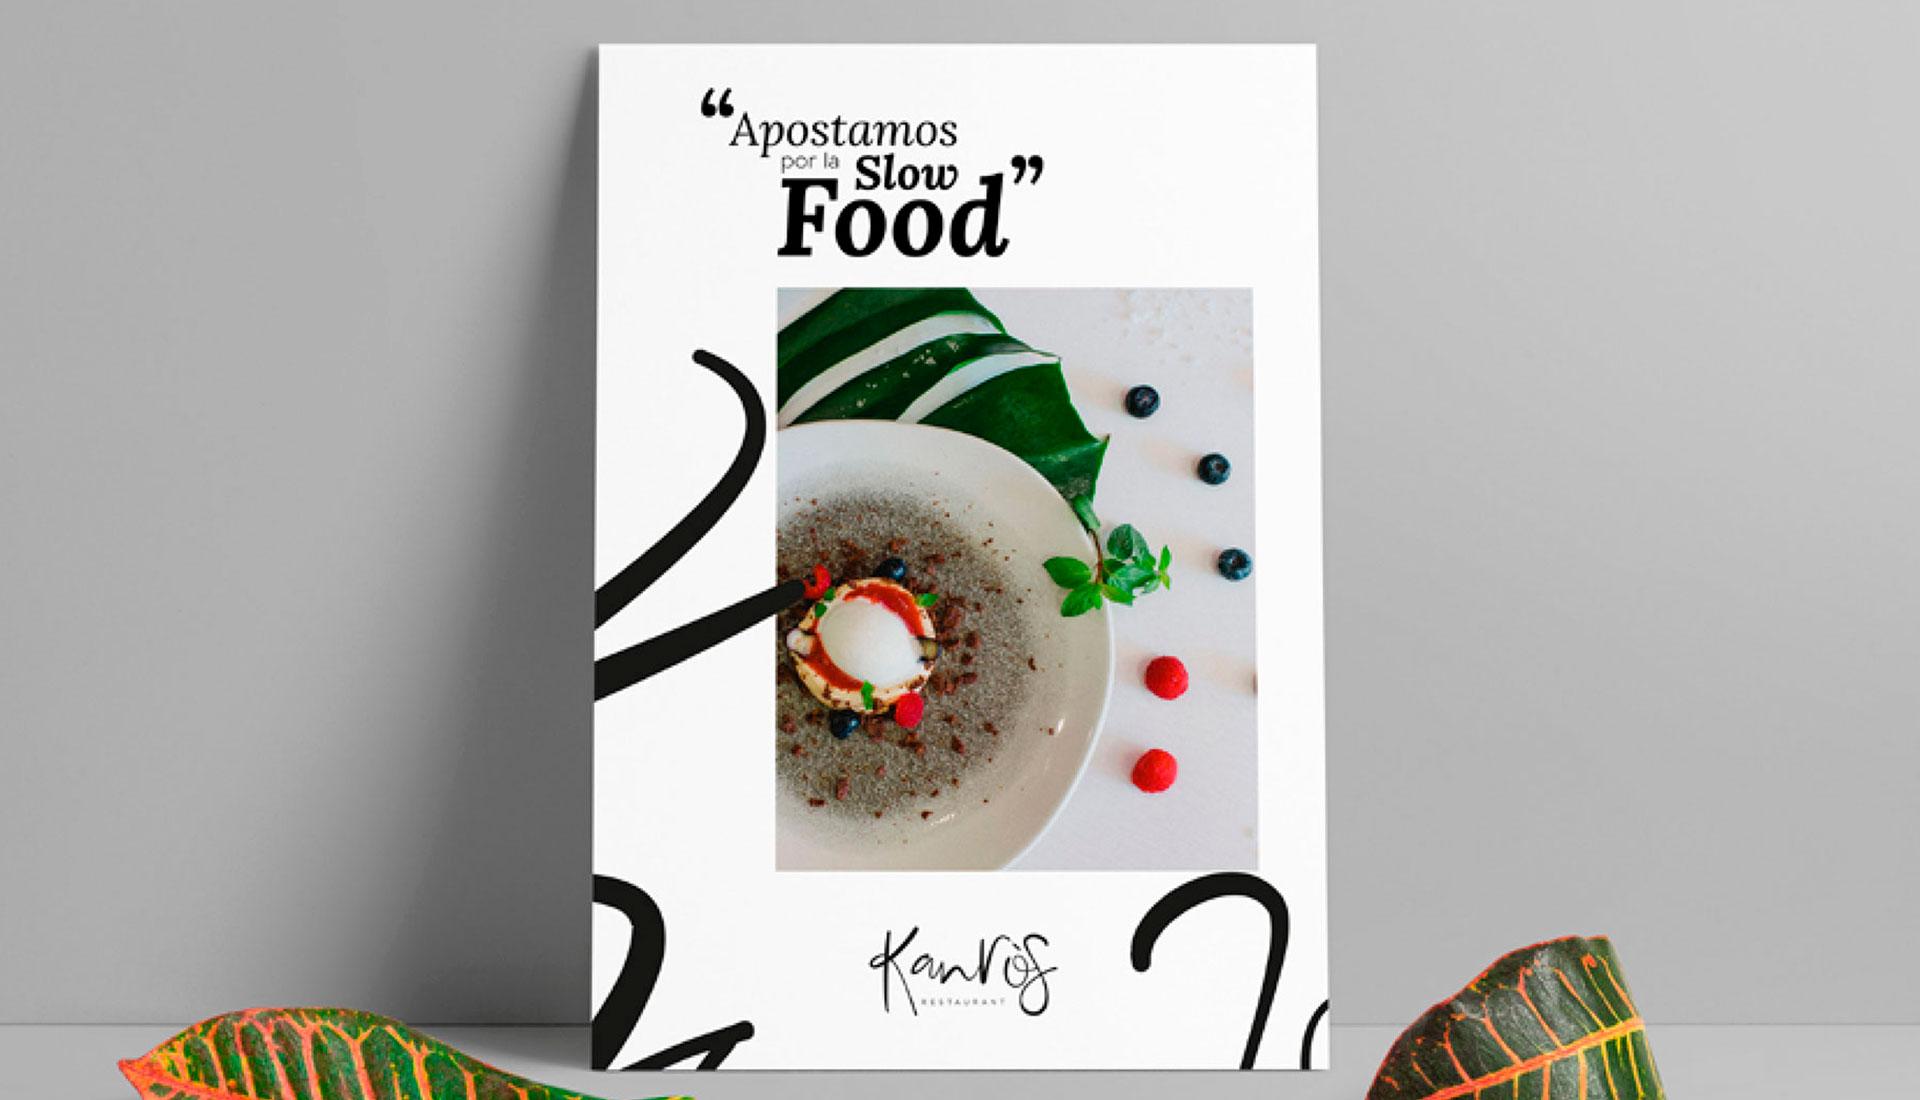 agencia-publicidad-pennywhort-marketing-identidad-corporativa-restaurante-valencia-12